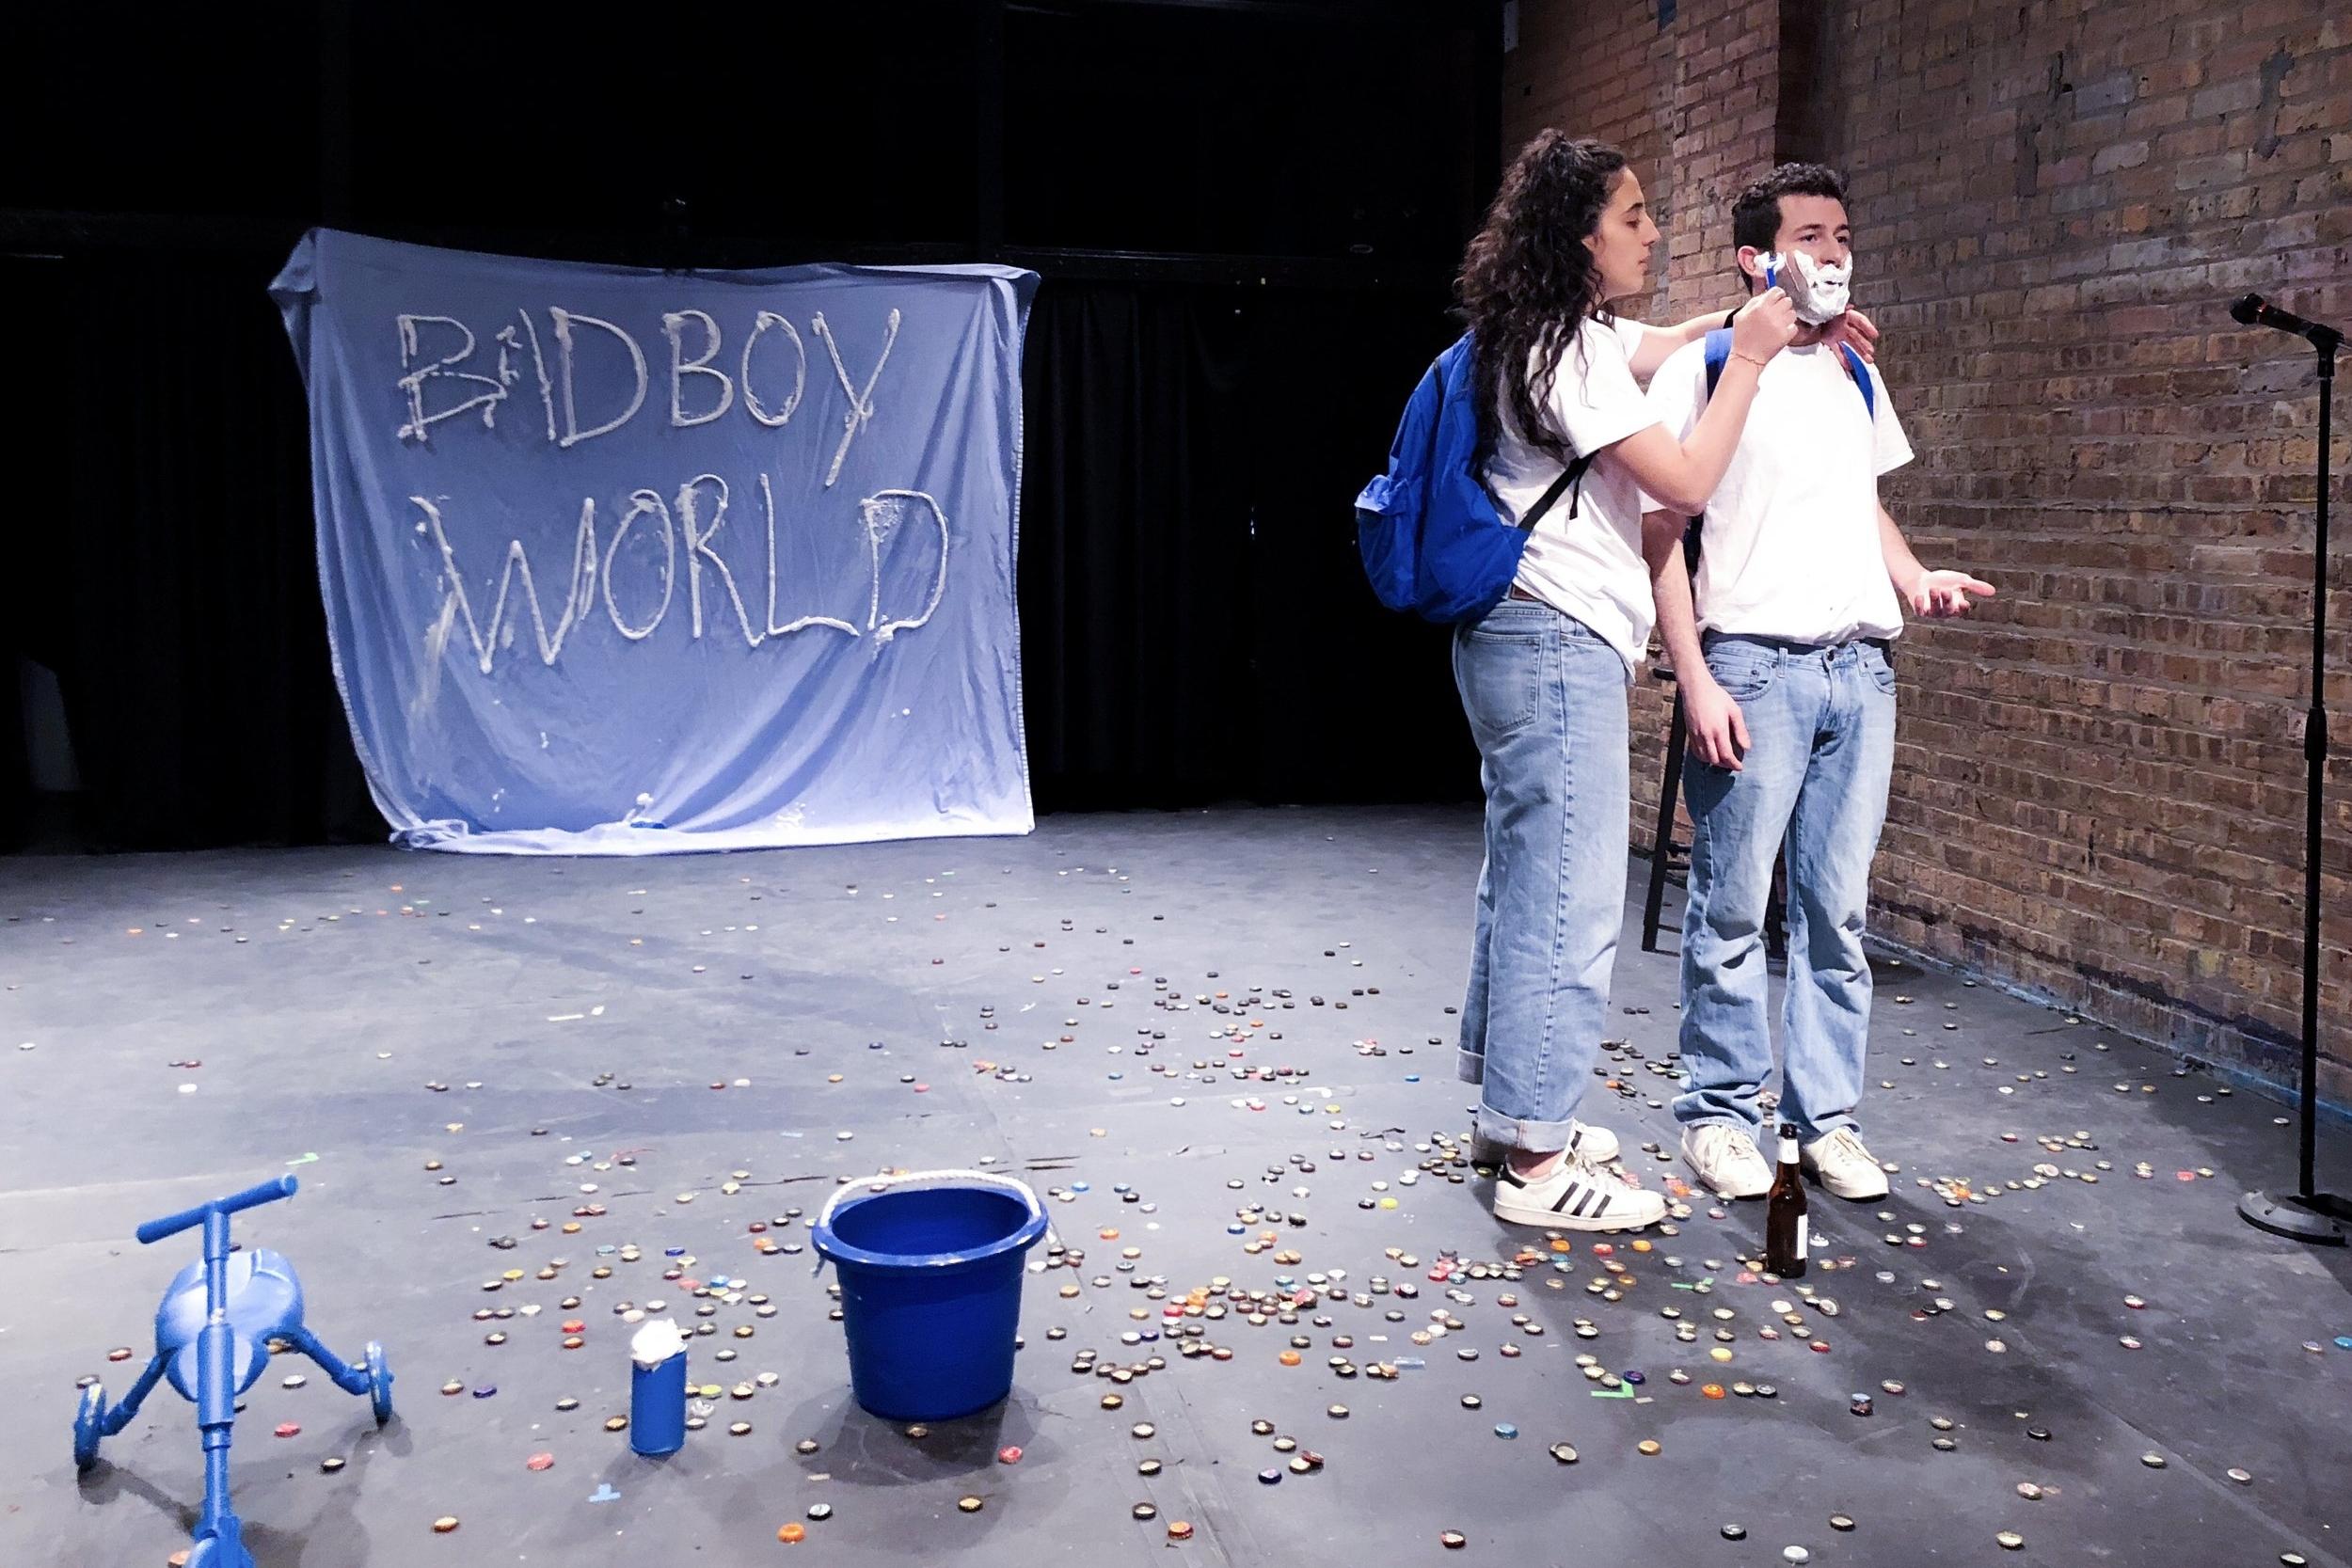 Bad Boy World -